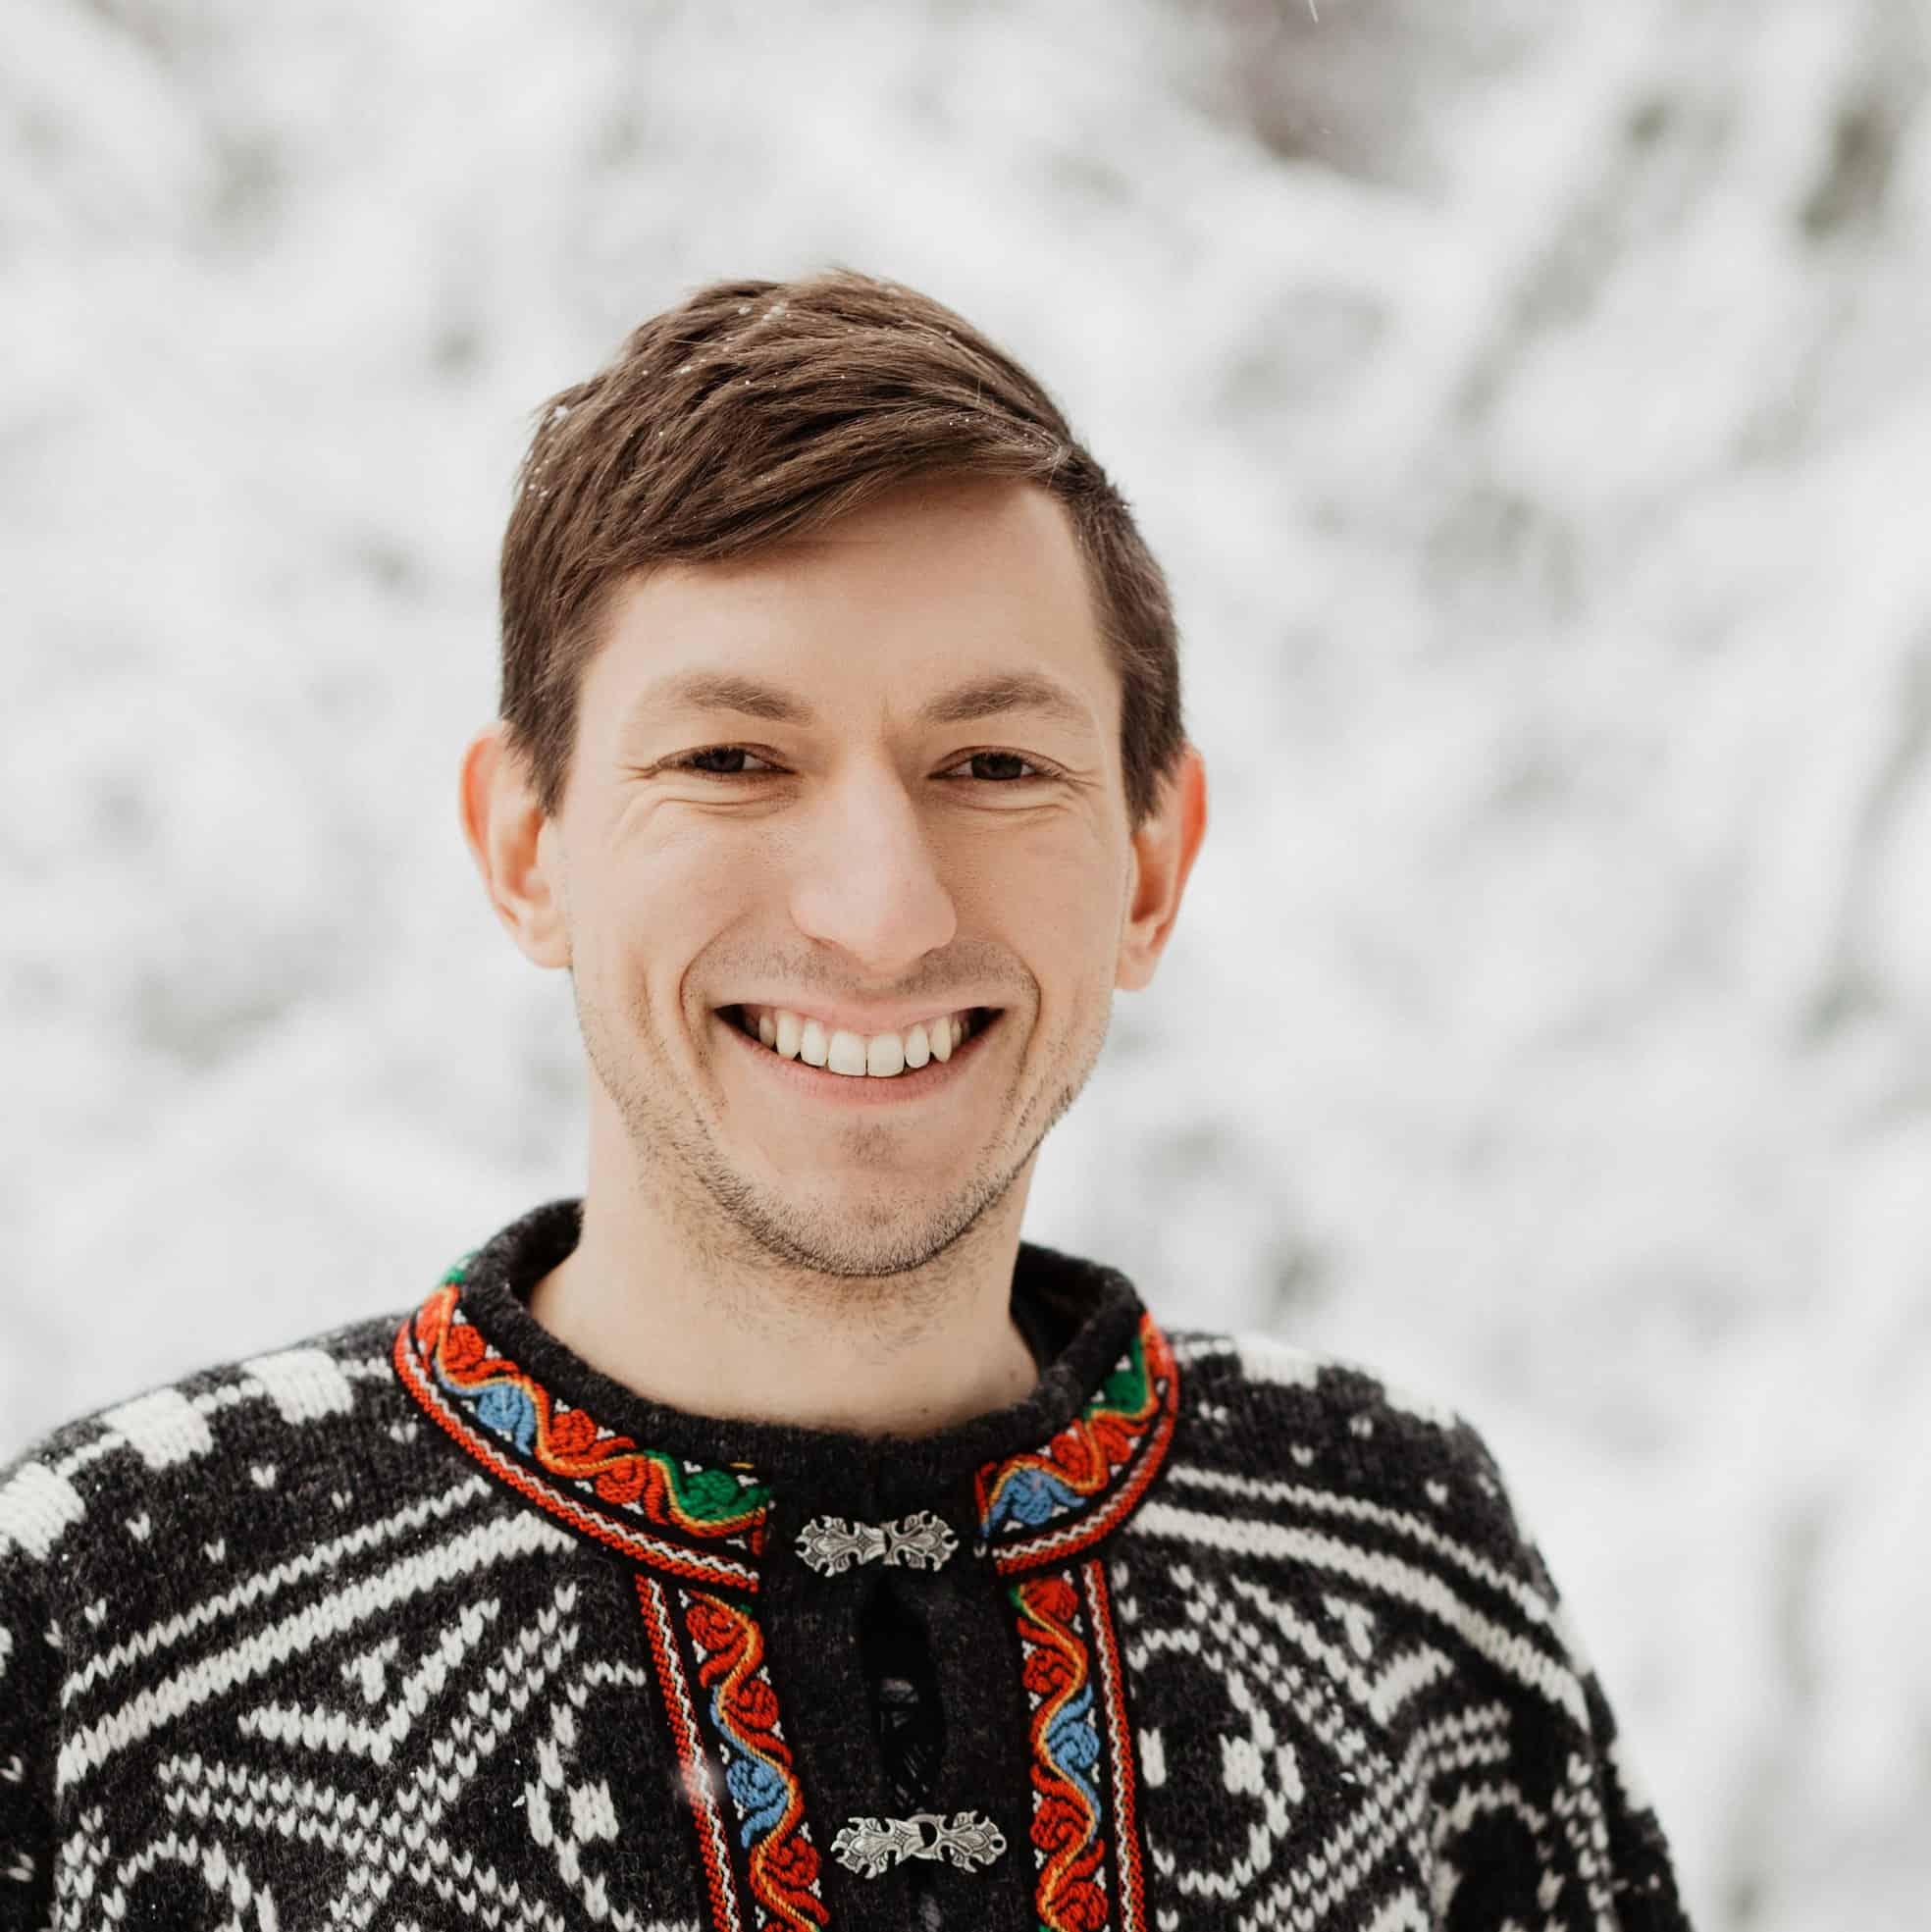 Erik Ehasoo